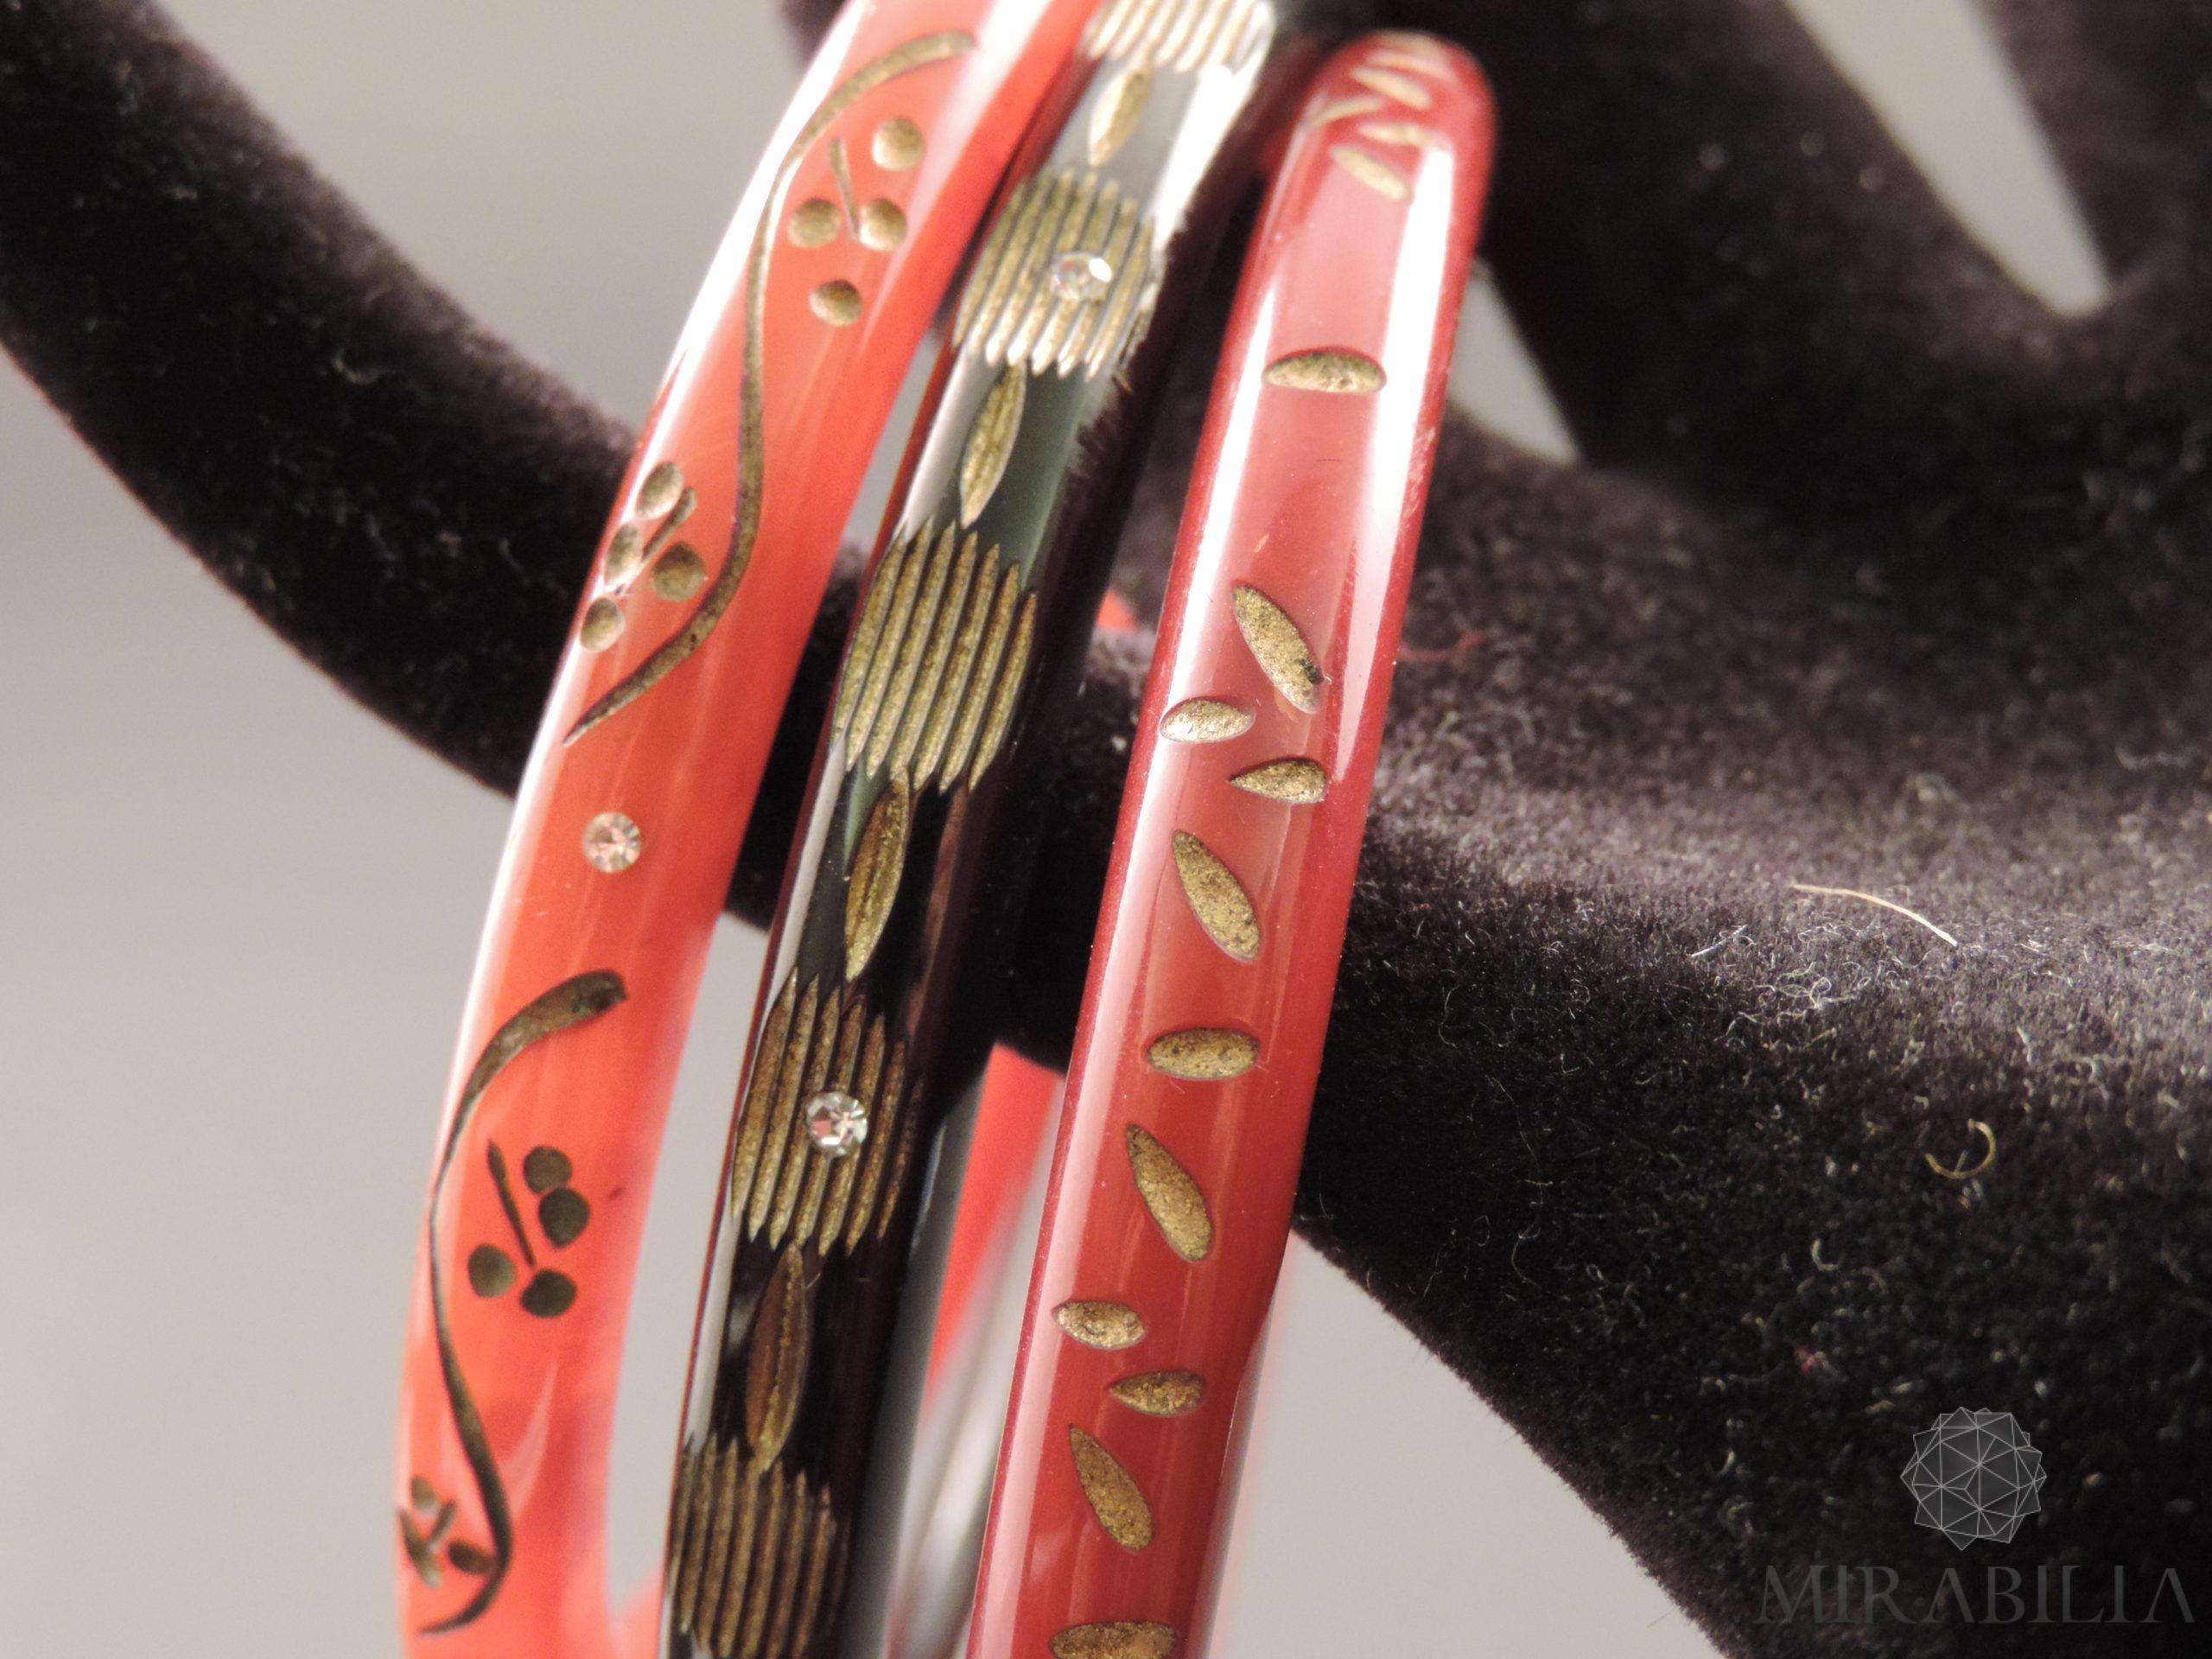 Braccialetti Art Déco in bachelite intagliata, con zirconi e dorature  (nero, marrone e tartaruga)